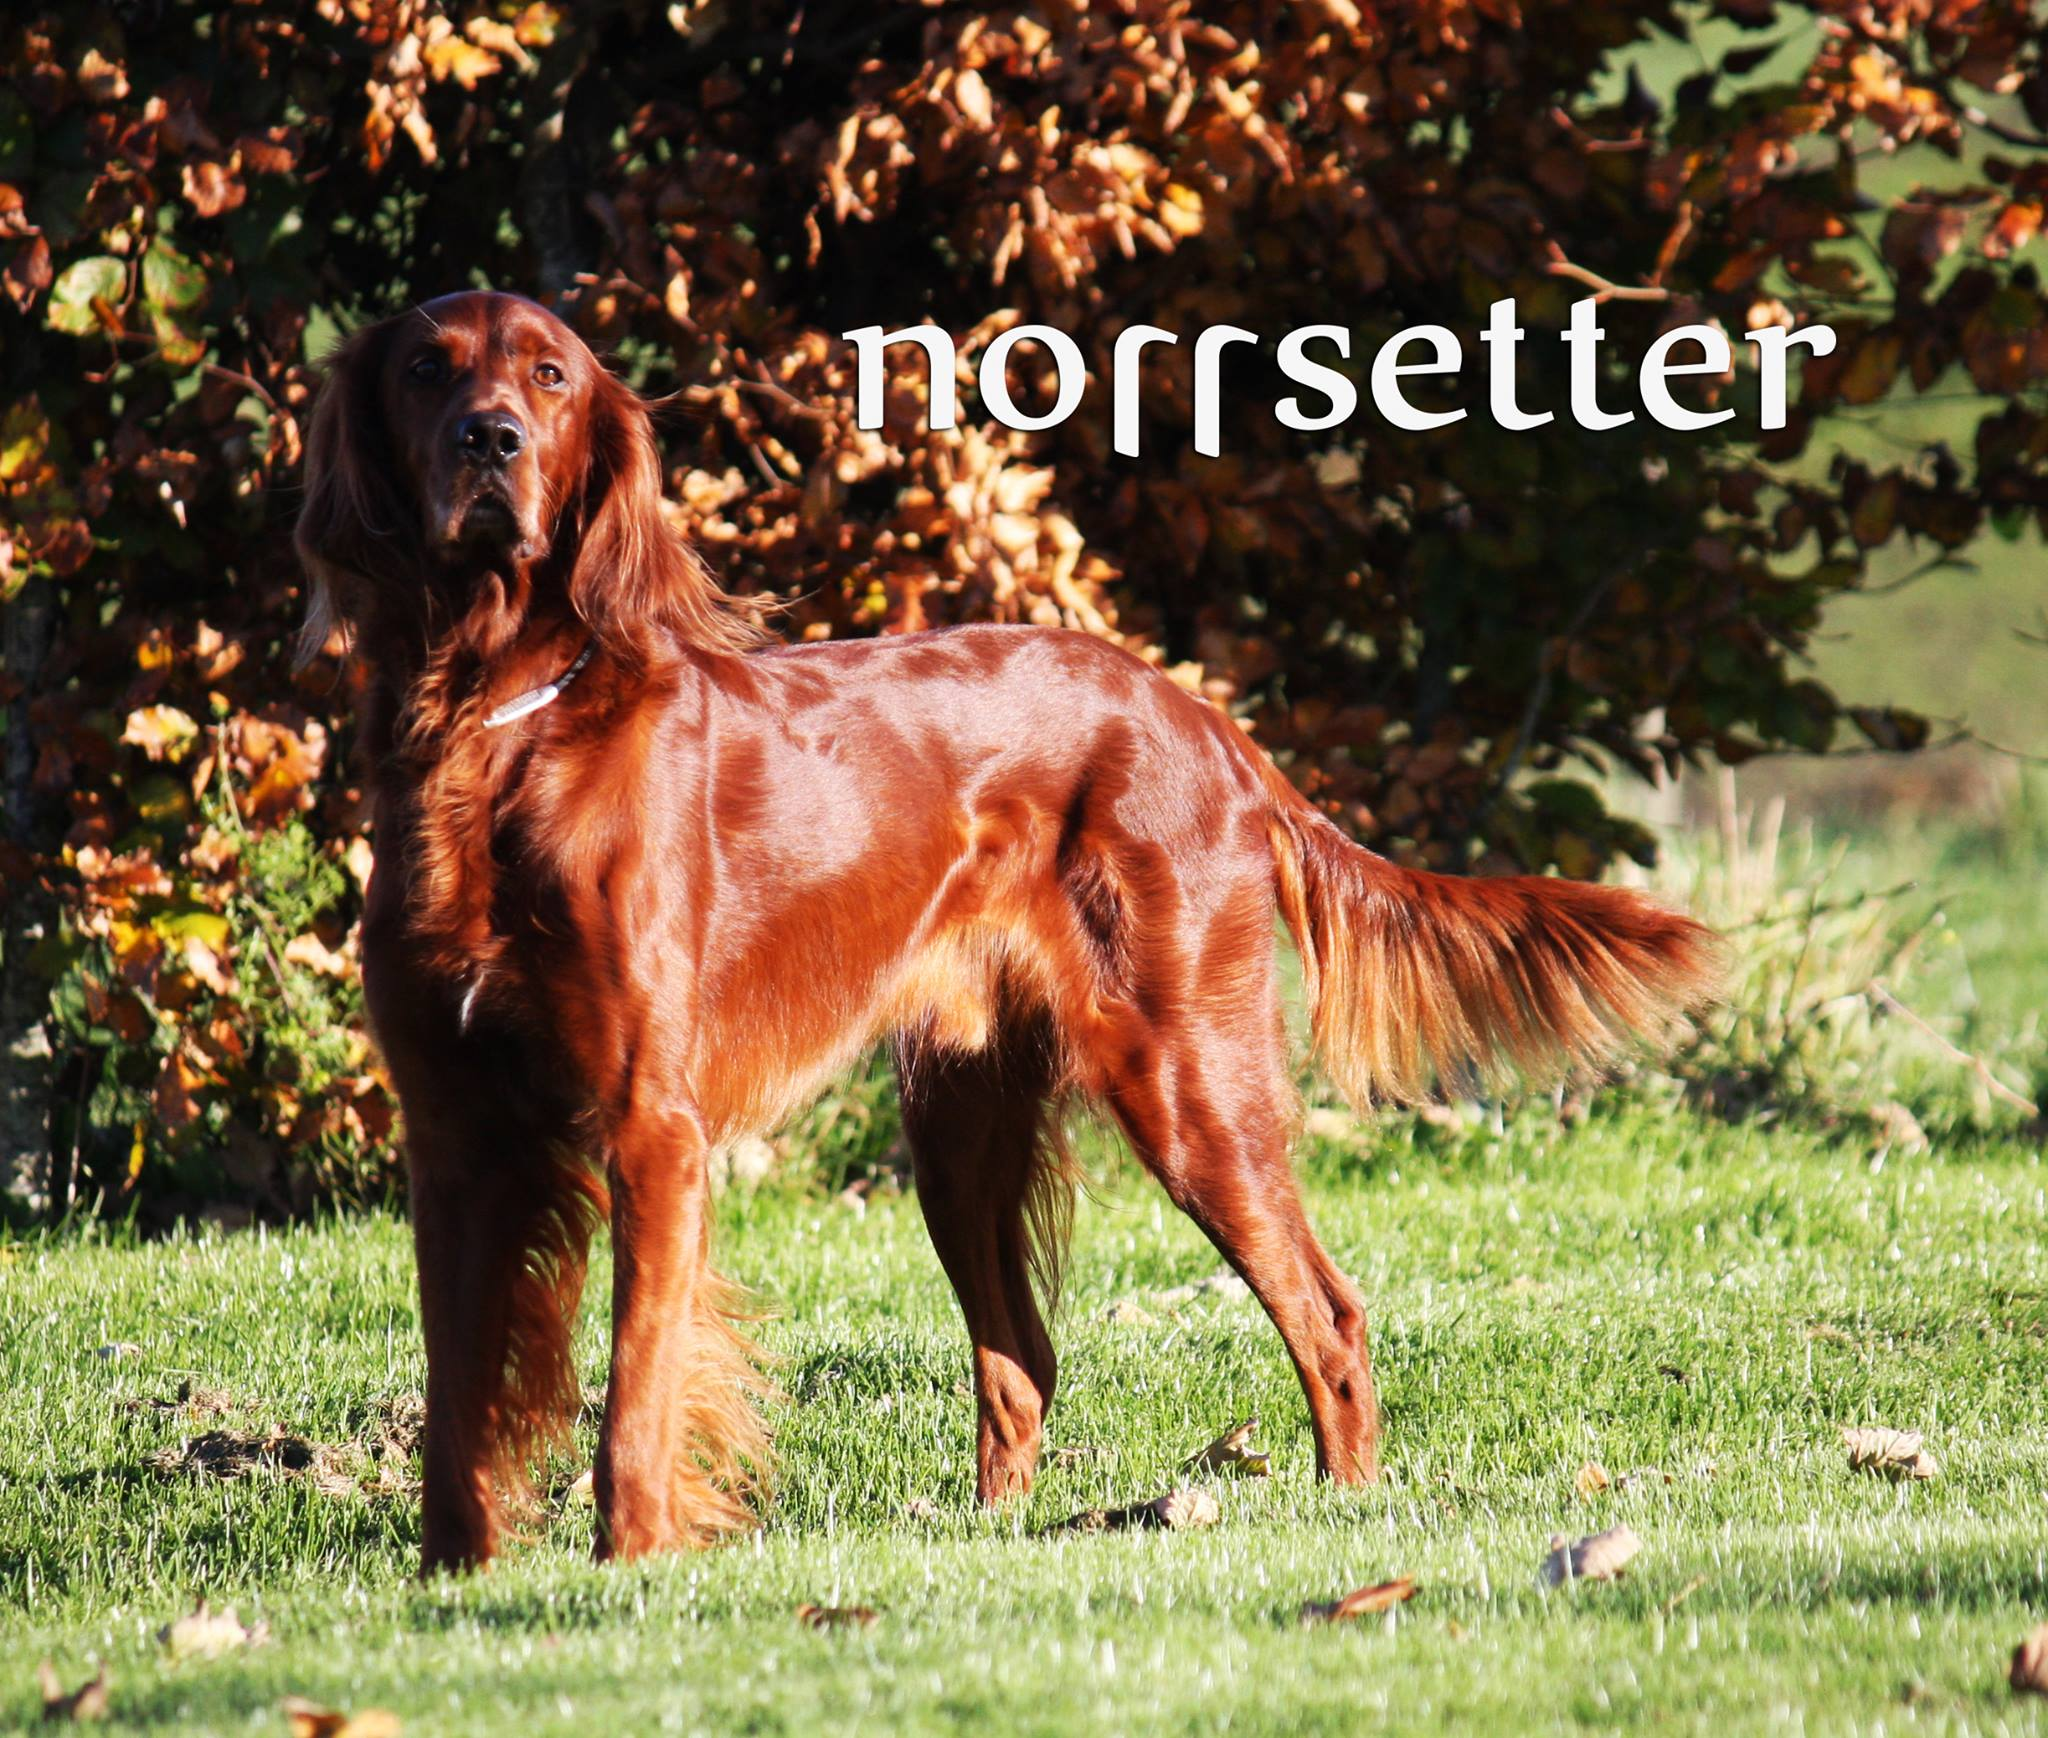 norsetter logo.jpg